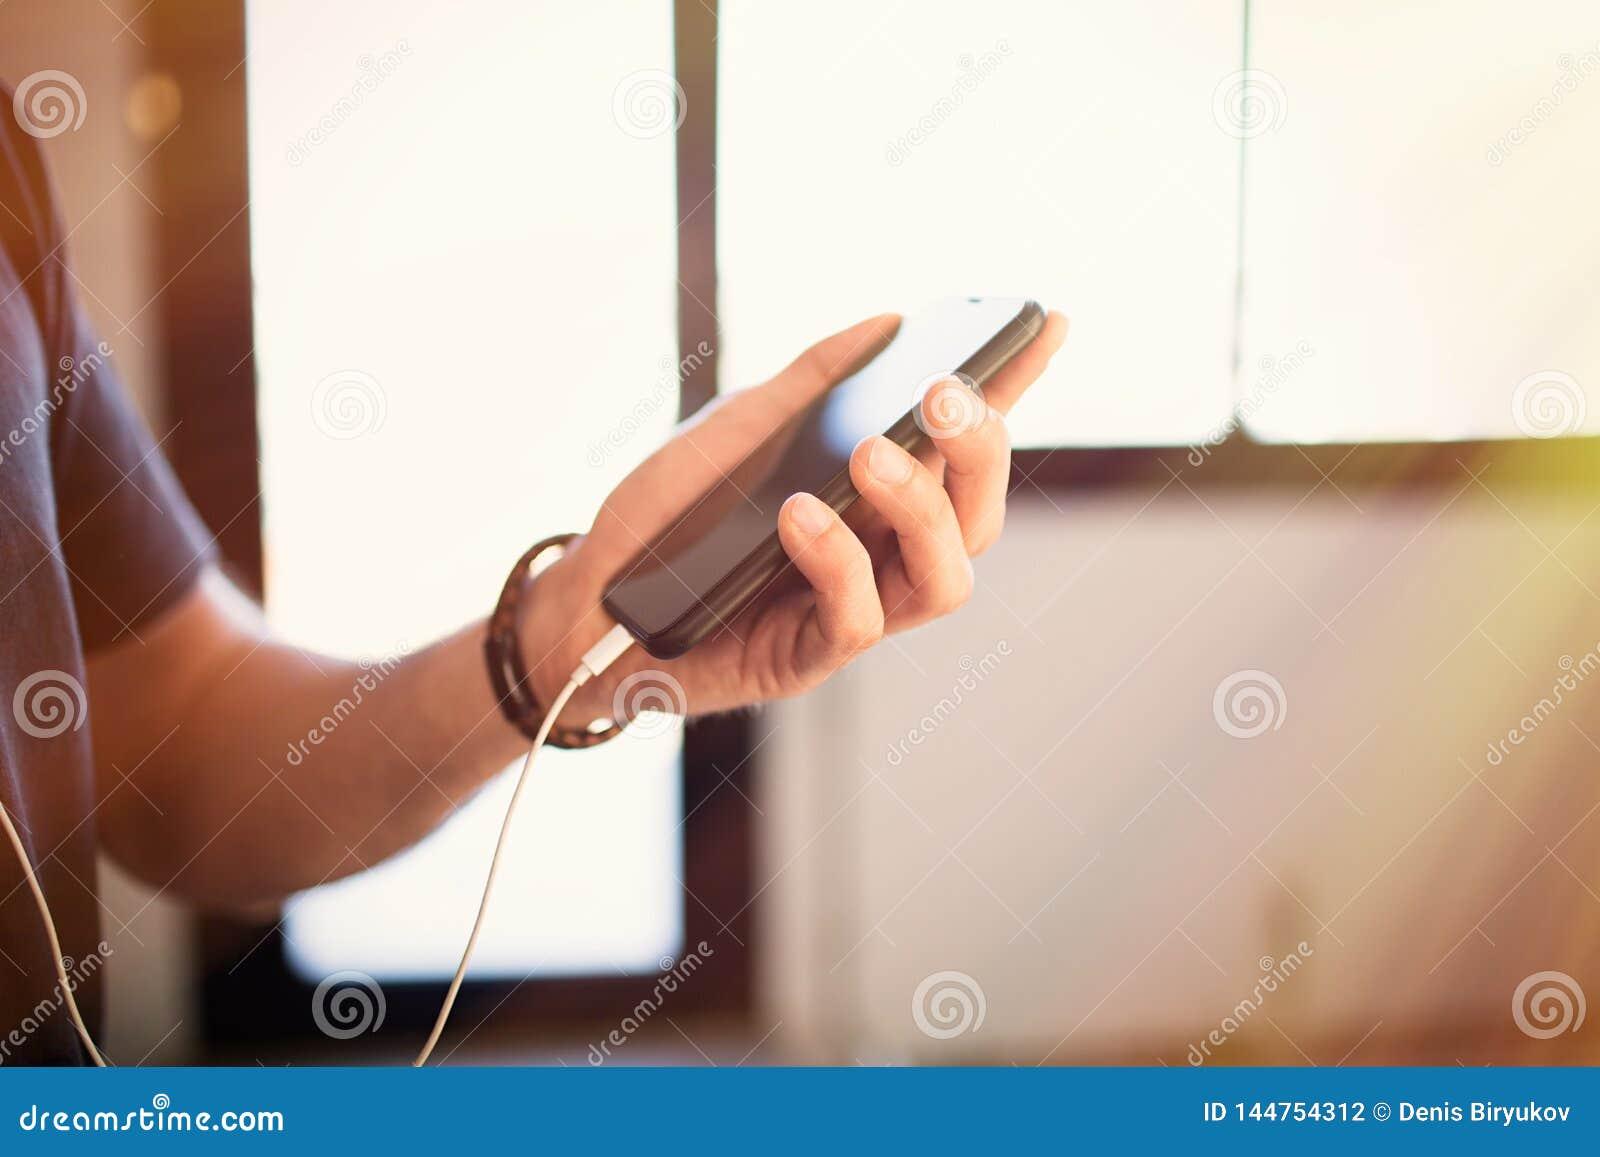 Téléphone portable masculin de participation de mains, vérifiant les réseaux sociaux sur le smartphone à la maison